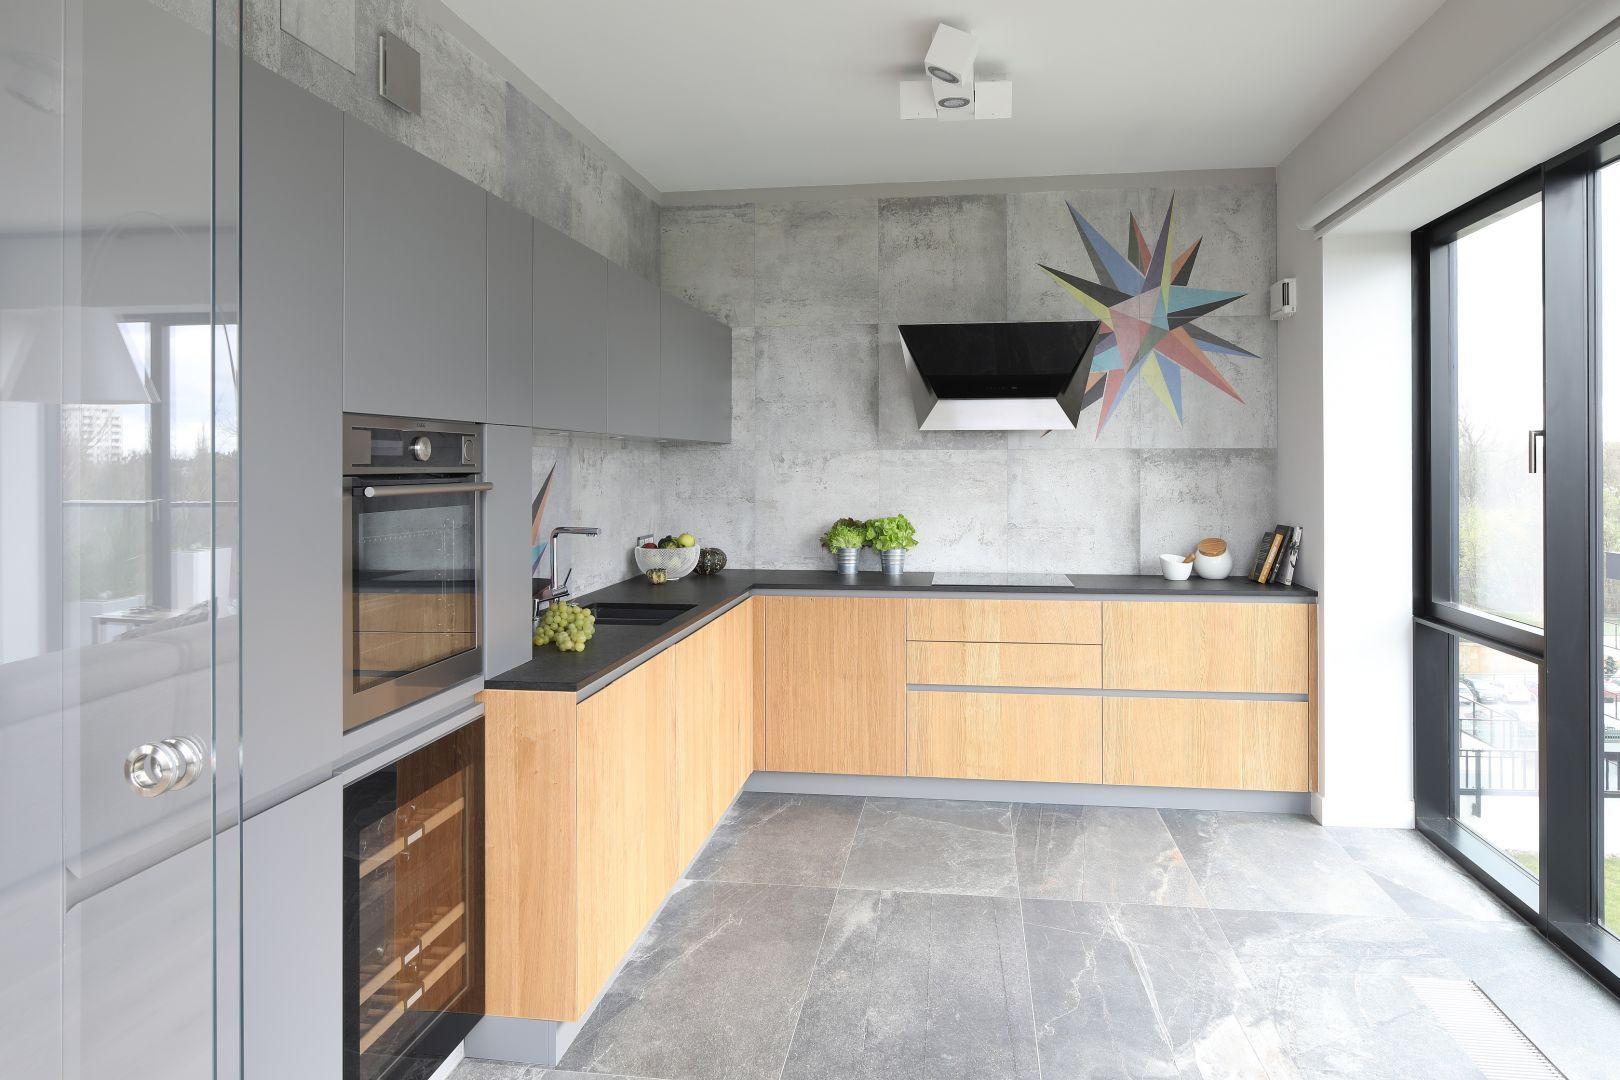 Szara Kuchnia Projekt Magdalena Lechmann Fot Bartosz Jarosz Contemporary Kitchen Design Kitchen Design Best Kitchen Designs